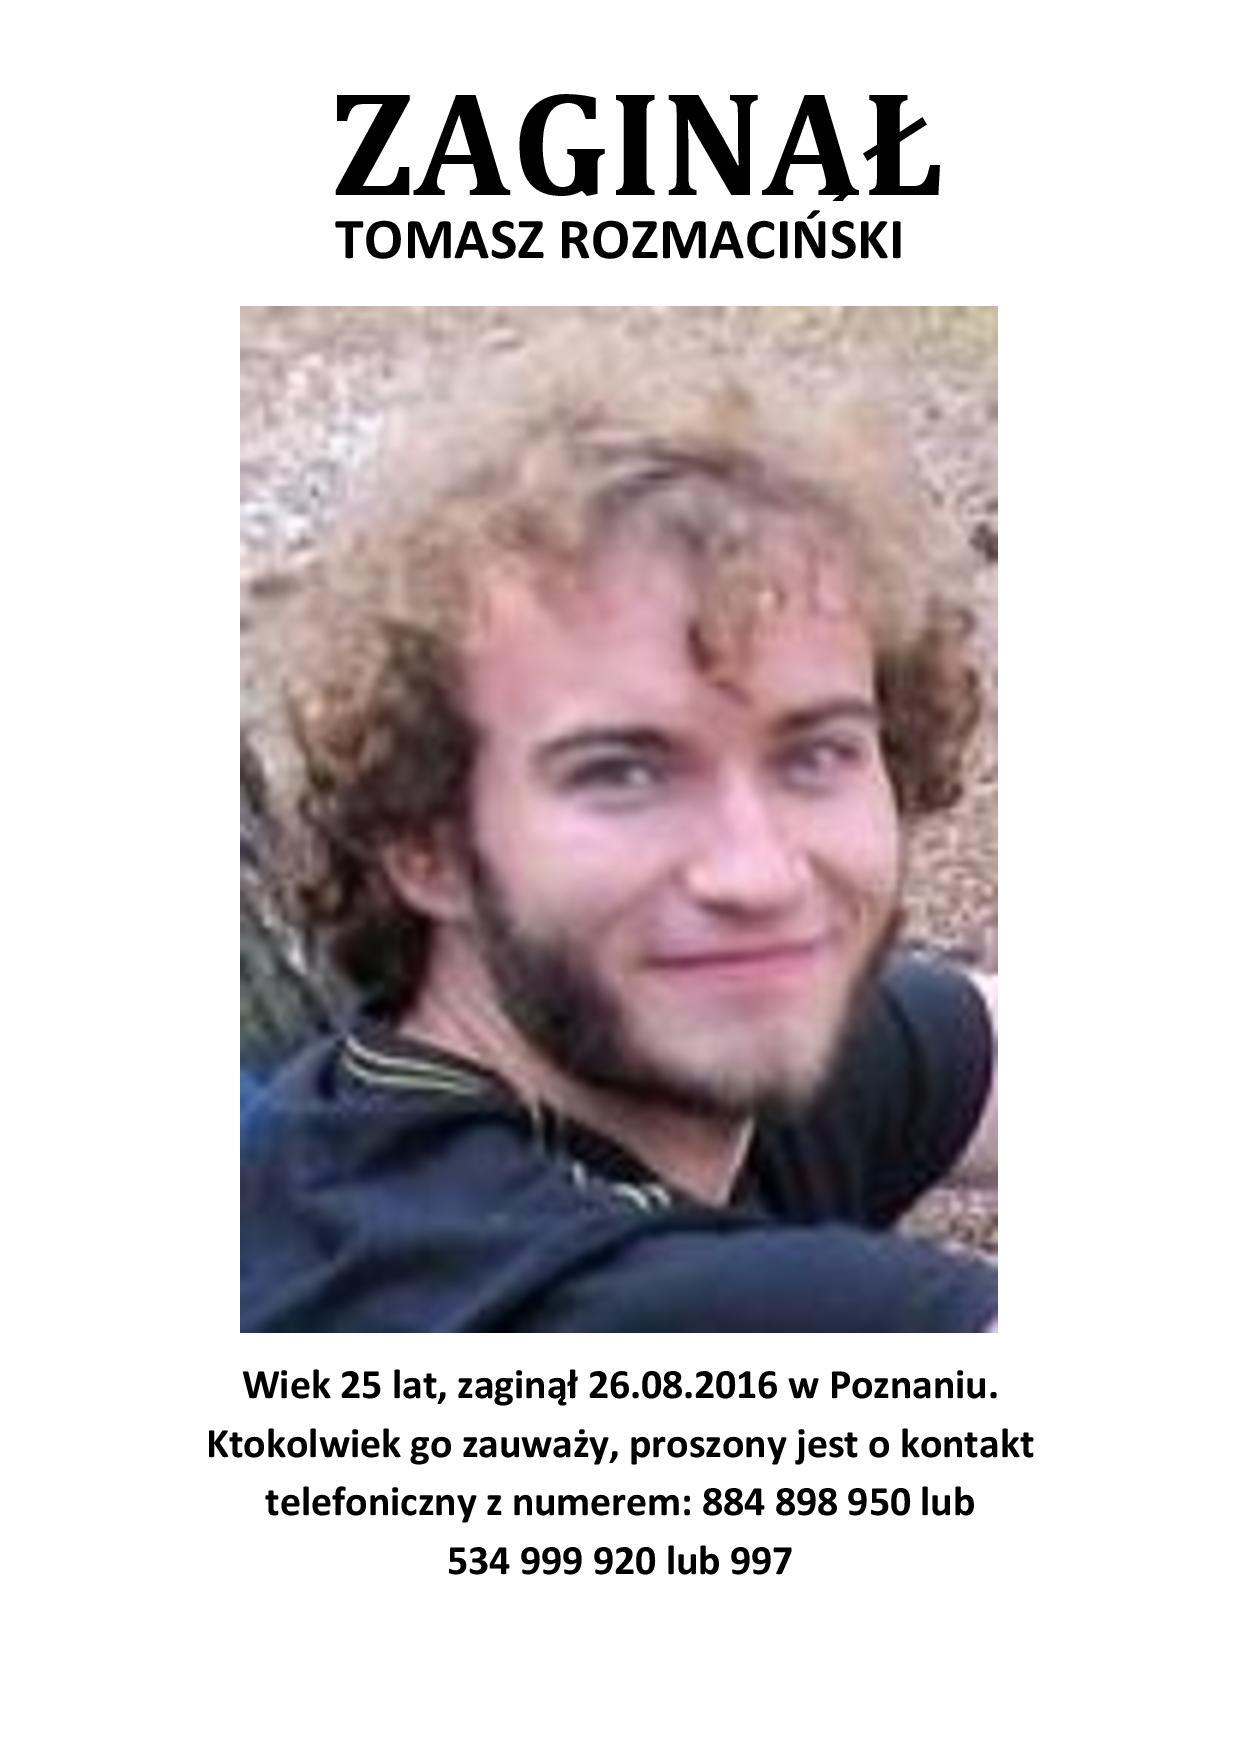 Zaginał Tomasz Rozmaciński